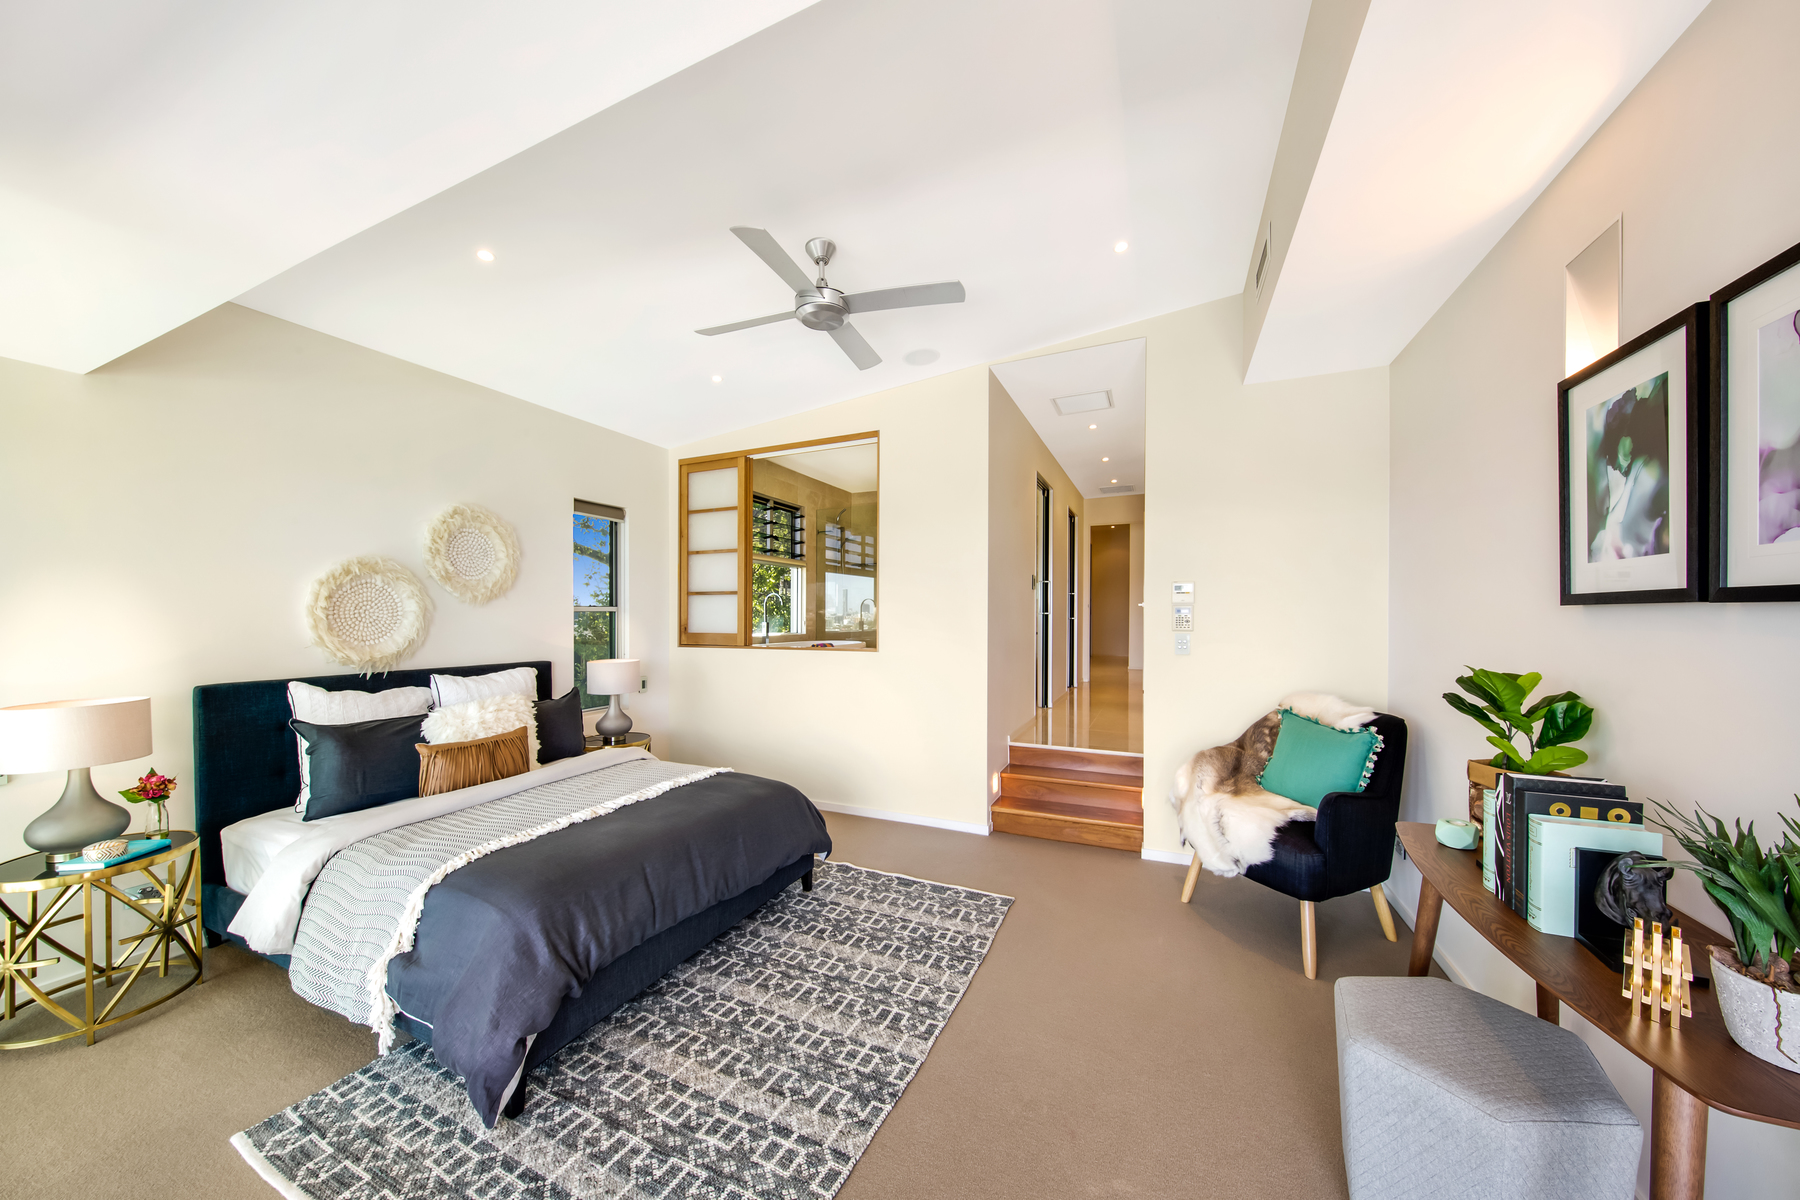 豪宅面积1409平方米,共有七间宽敞的卧室和浴室